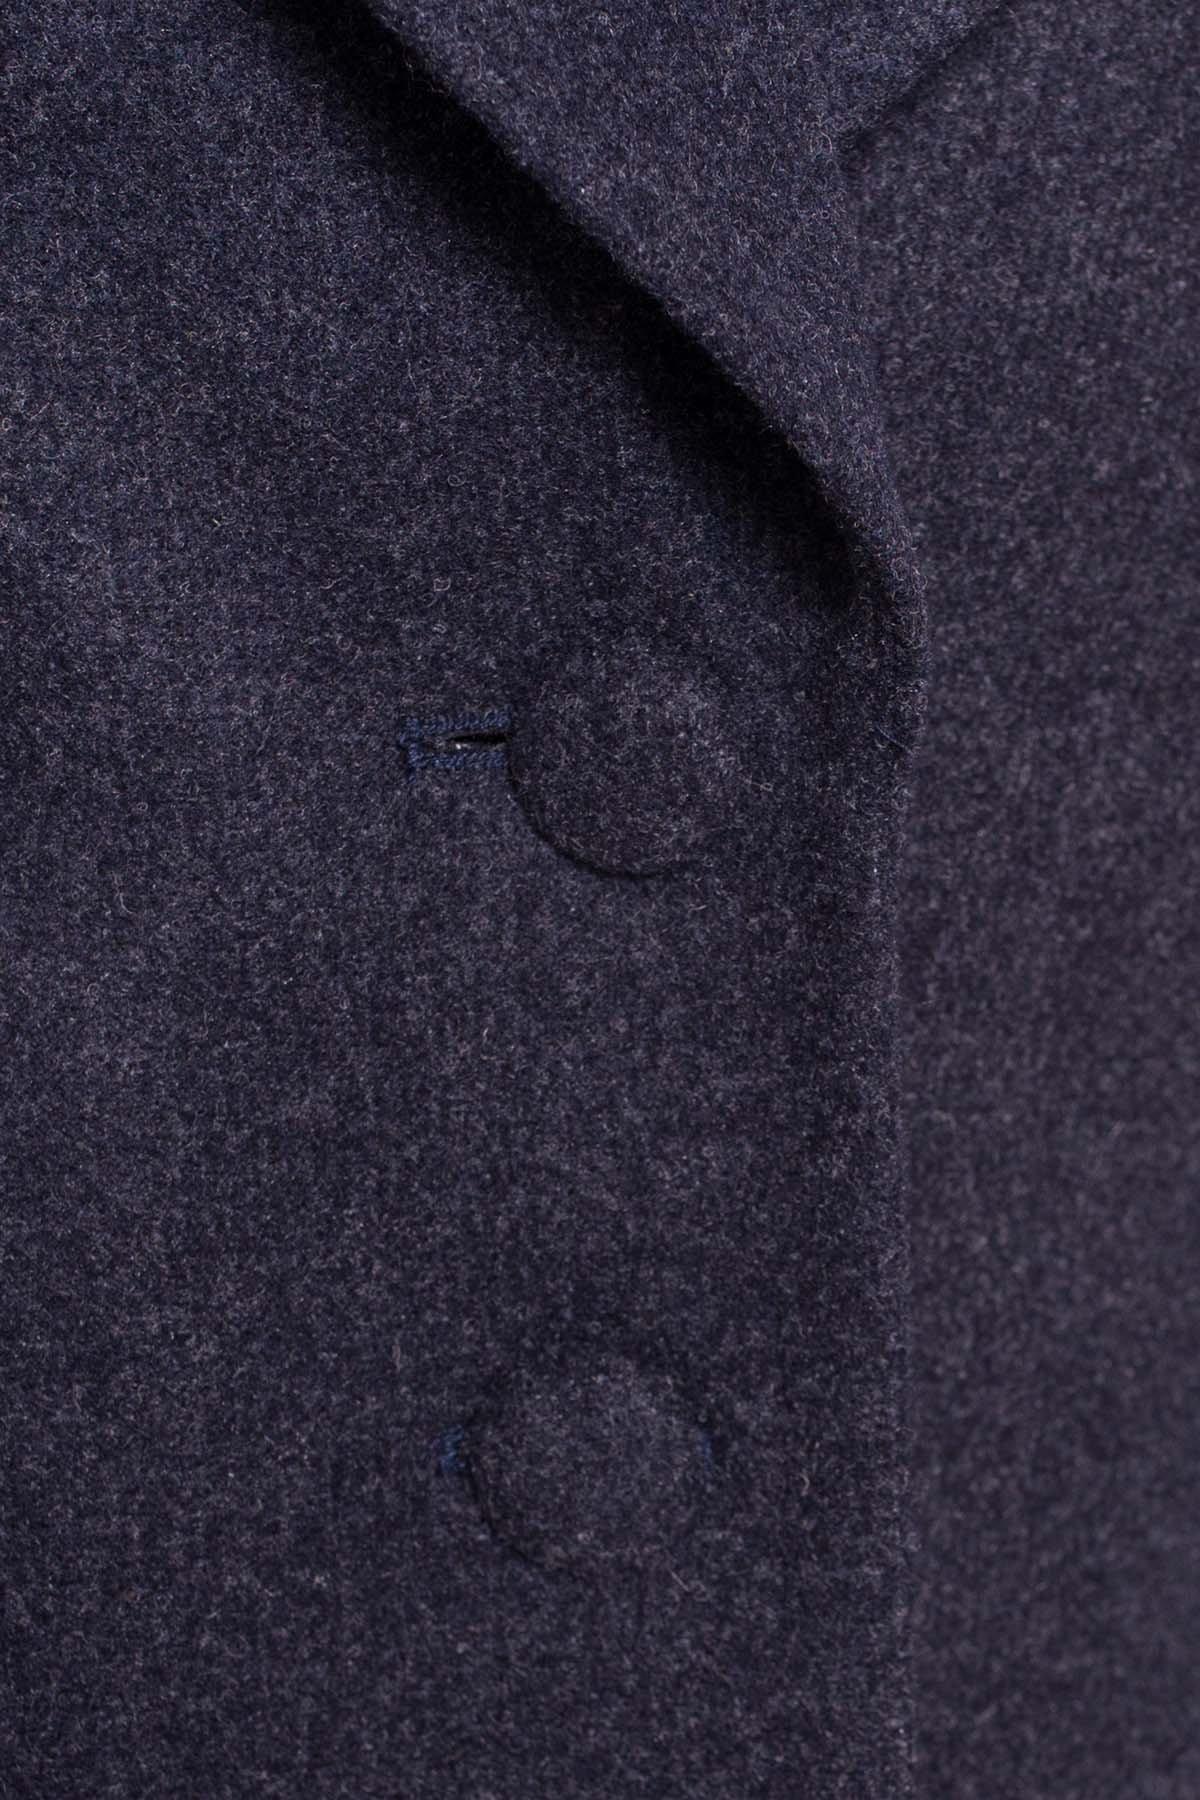 Пальто Вива 4558 Цвет: Темно-синий 6